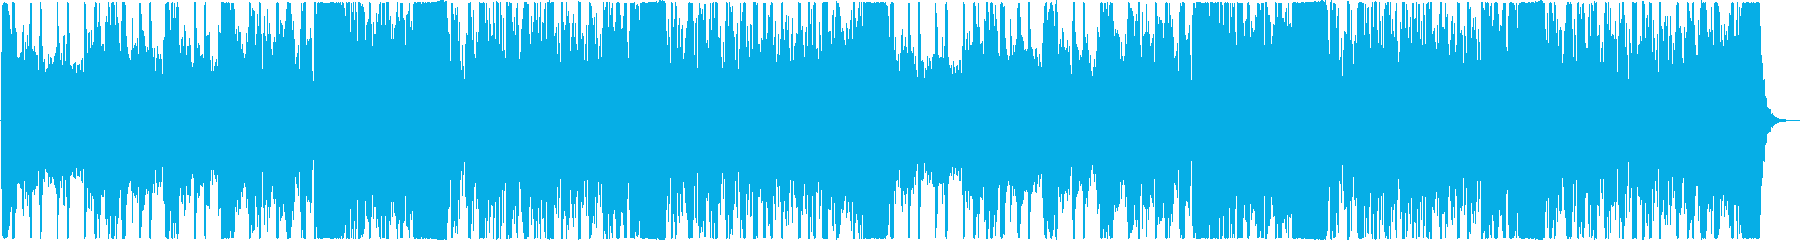 トランペットが雄大なゲーム・フィールド曲の再生済みの波形